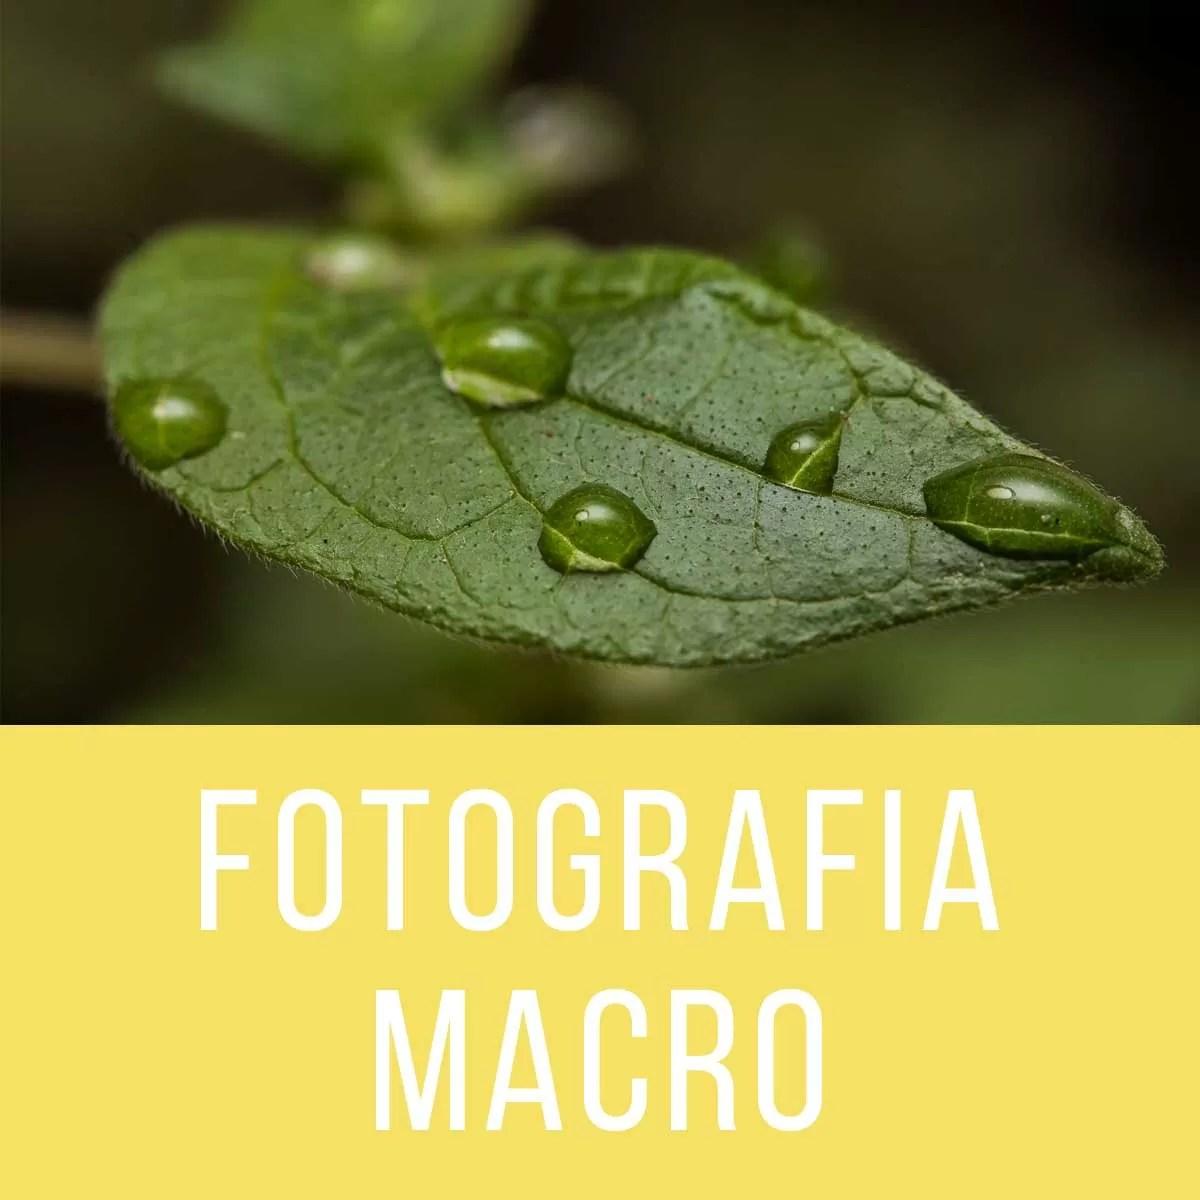 La fotografia macro